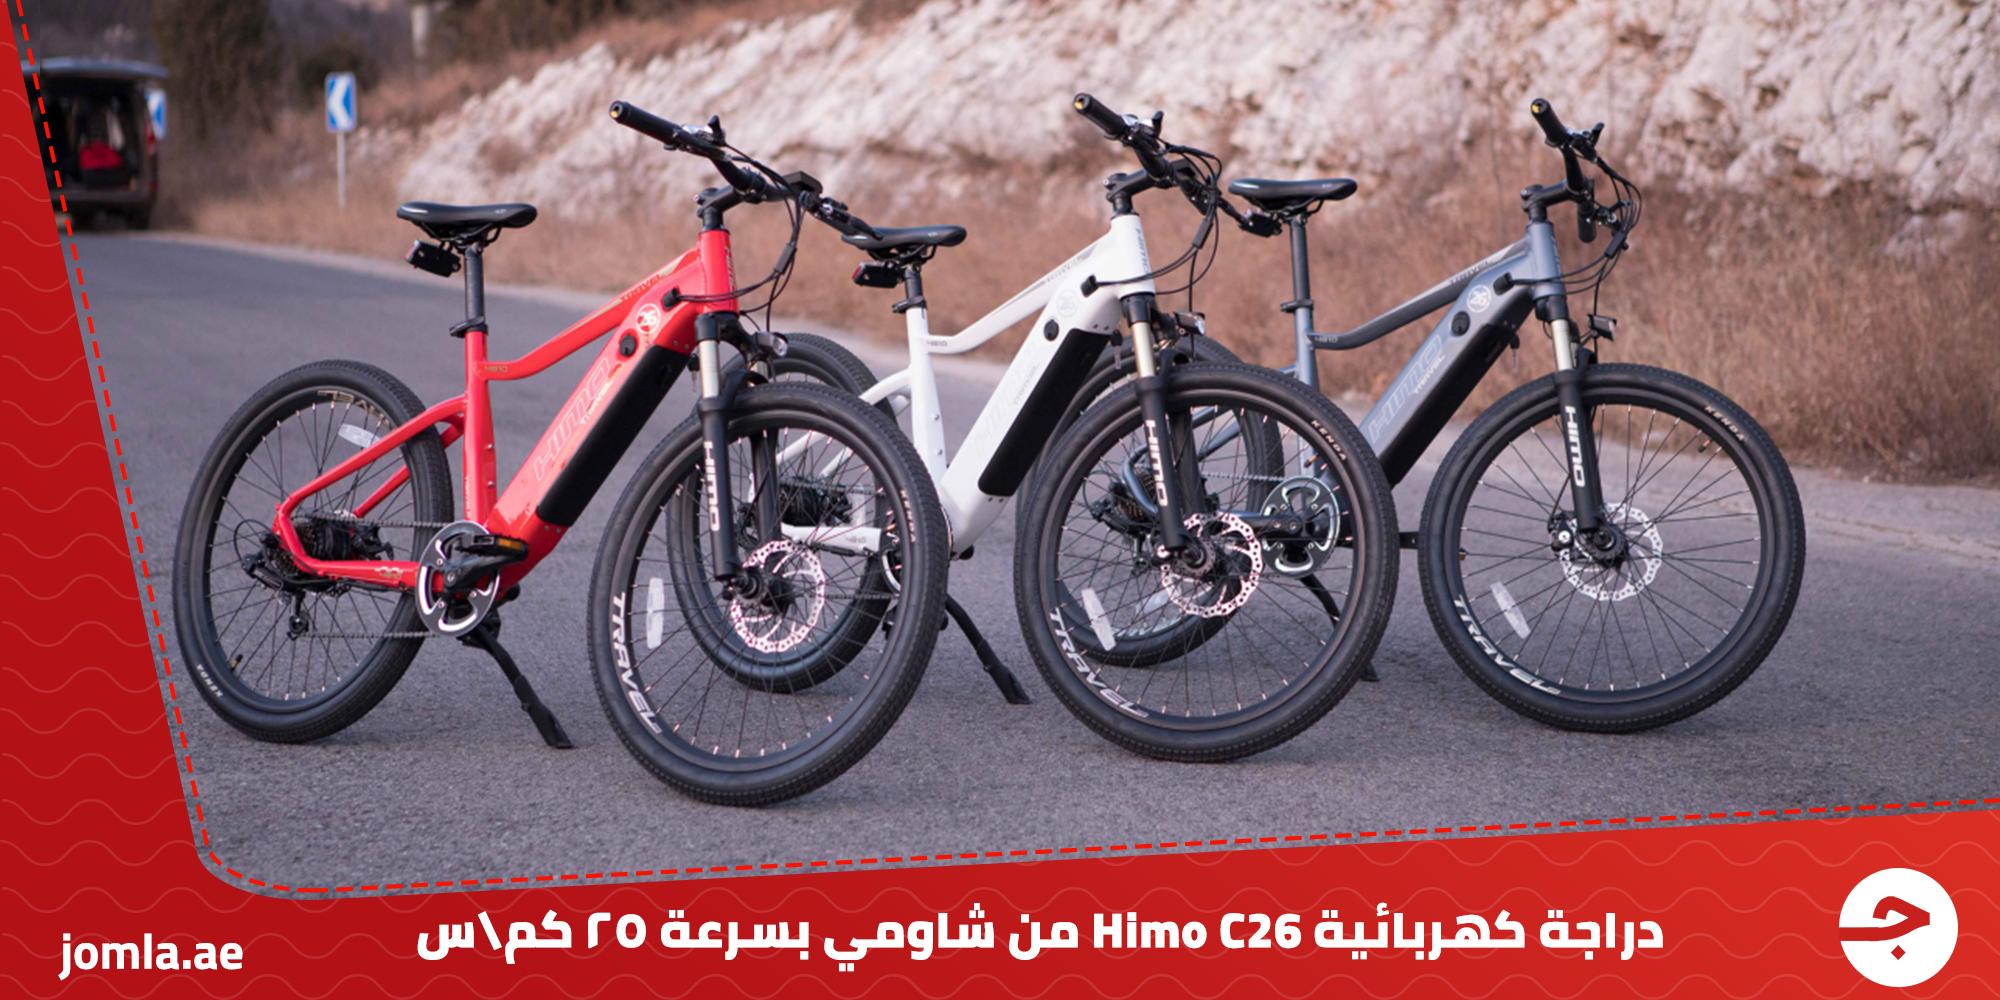 دراجة كهربائية Himo C26 من شاومي بسرعة 25 كم/ س